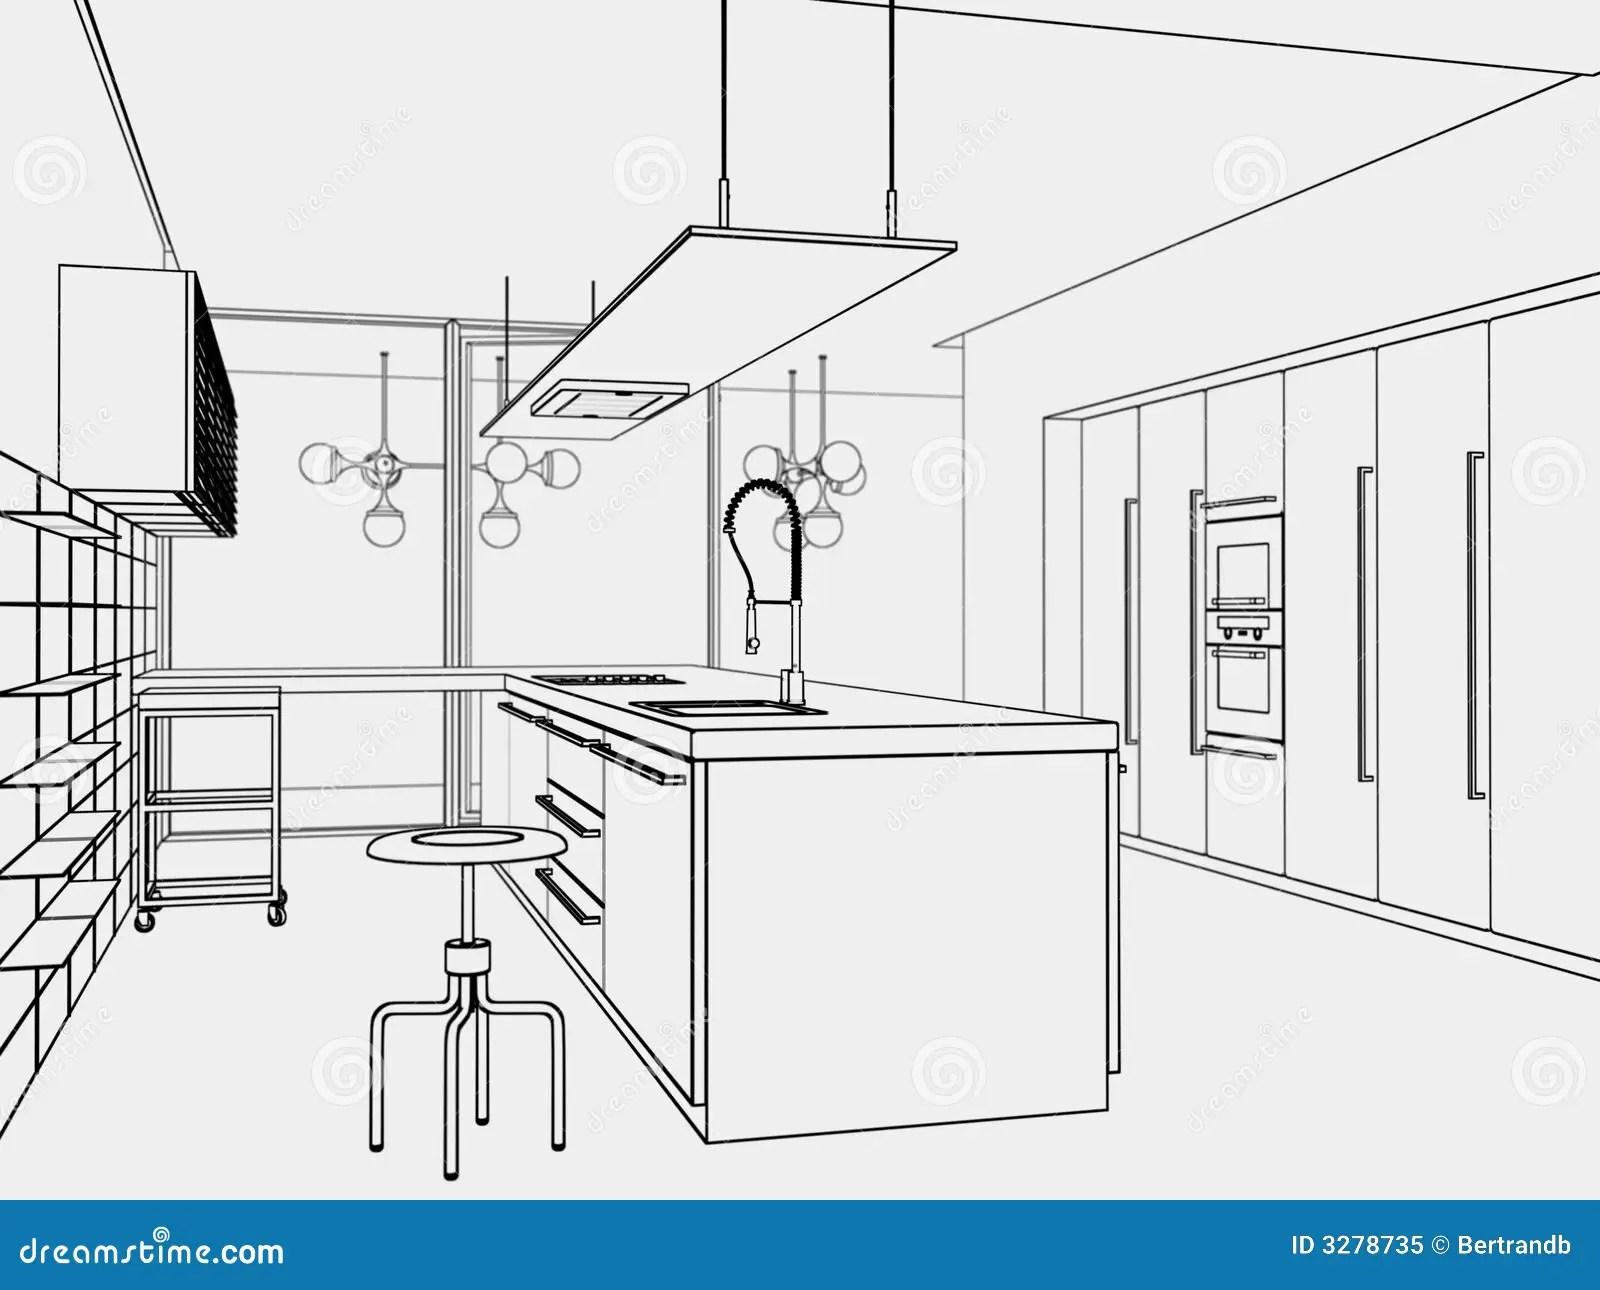 De Toon Stijl Van De Keuken Stock Illustratie